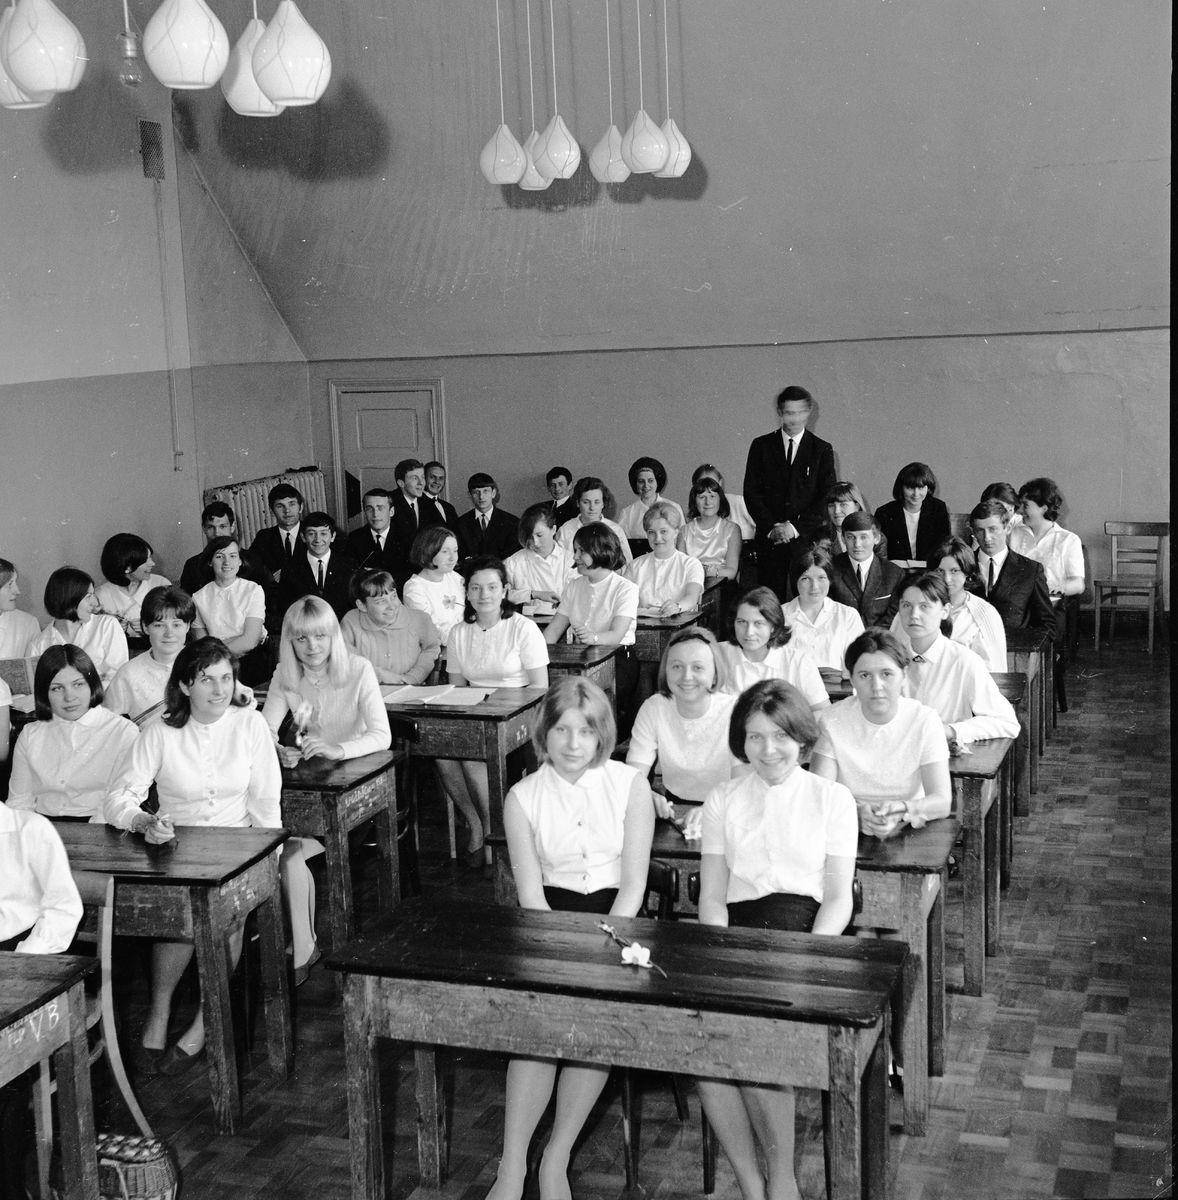 Pożegnanie maturzystów Państwowego Liceum Pedagogicznego, 1967 r.